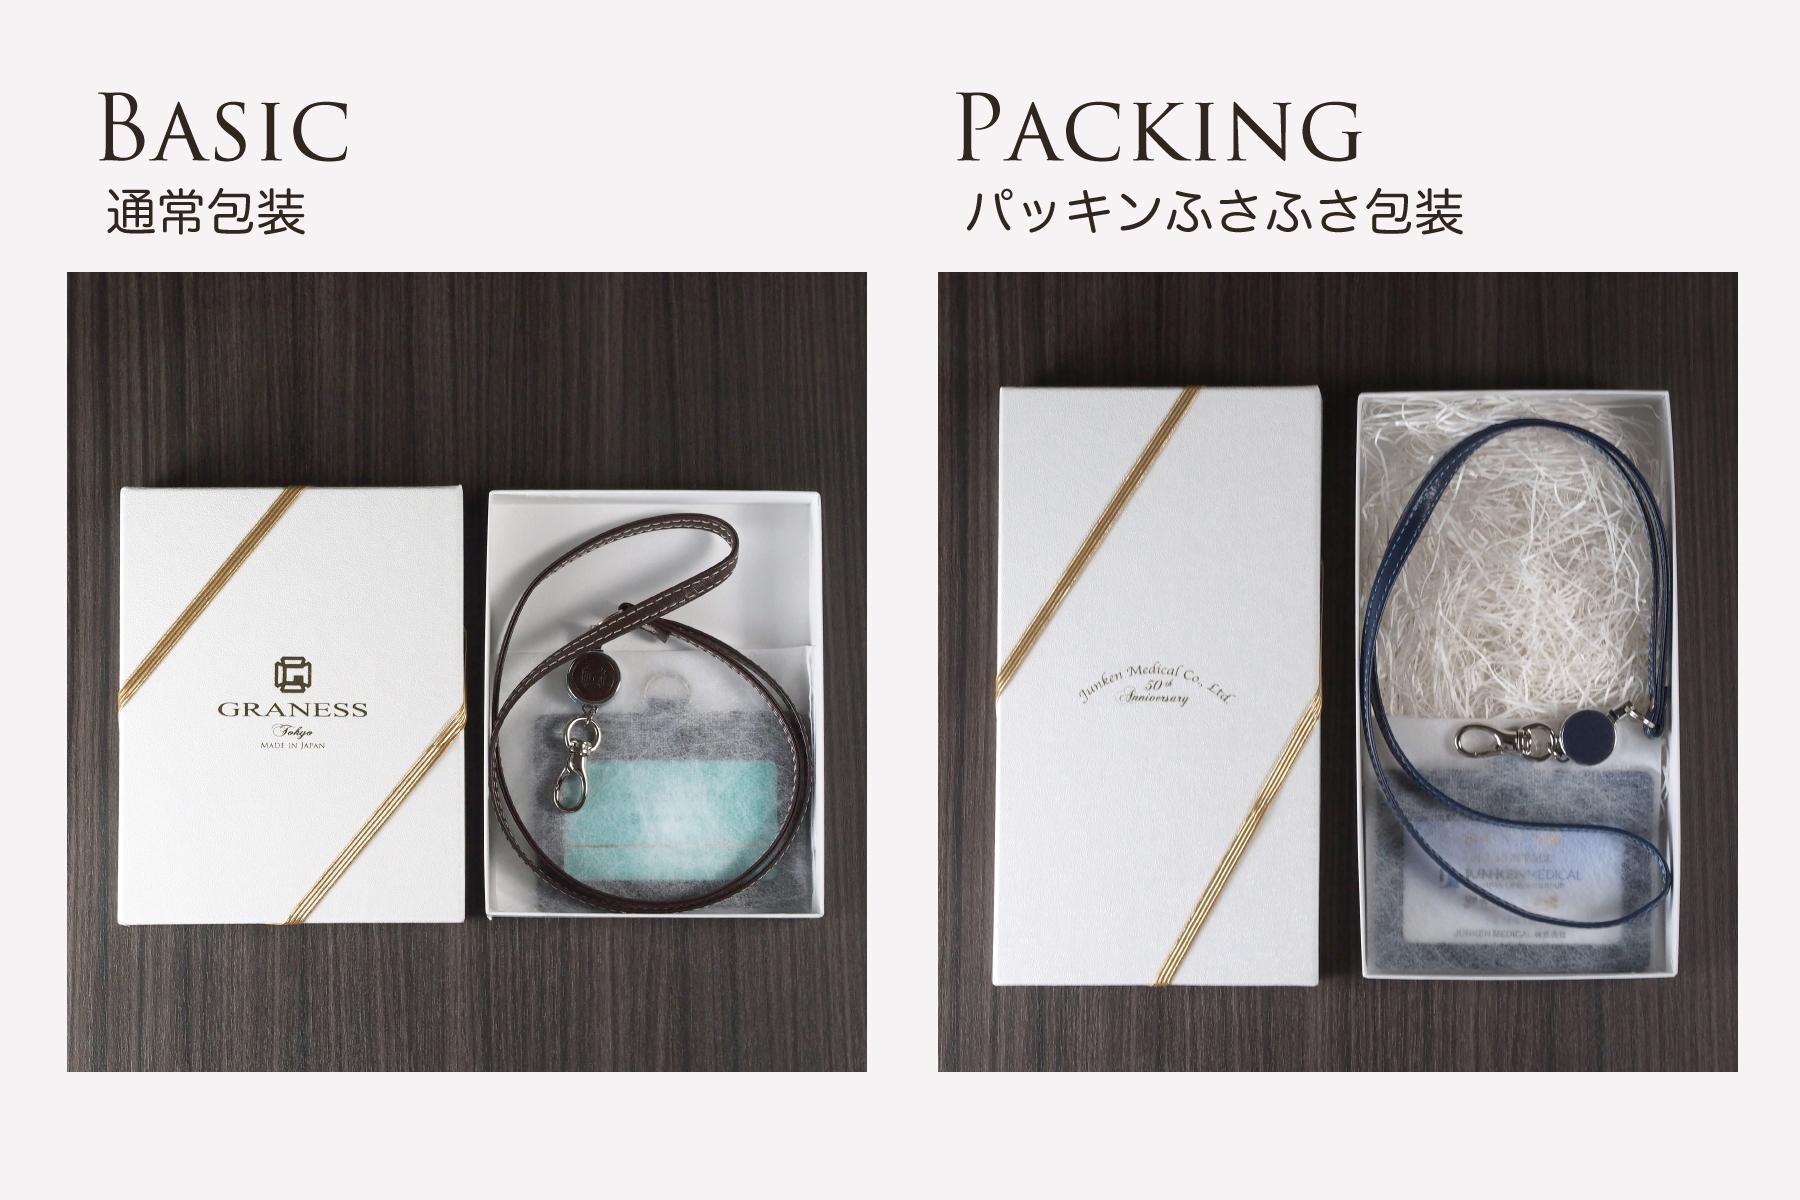 本革製社員証ケースの記念品用通常包装と記念品用パッキン包装